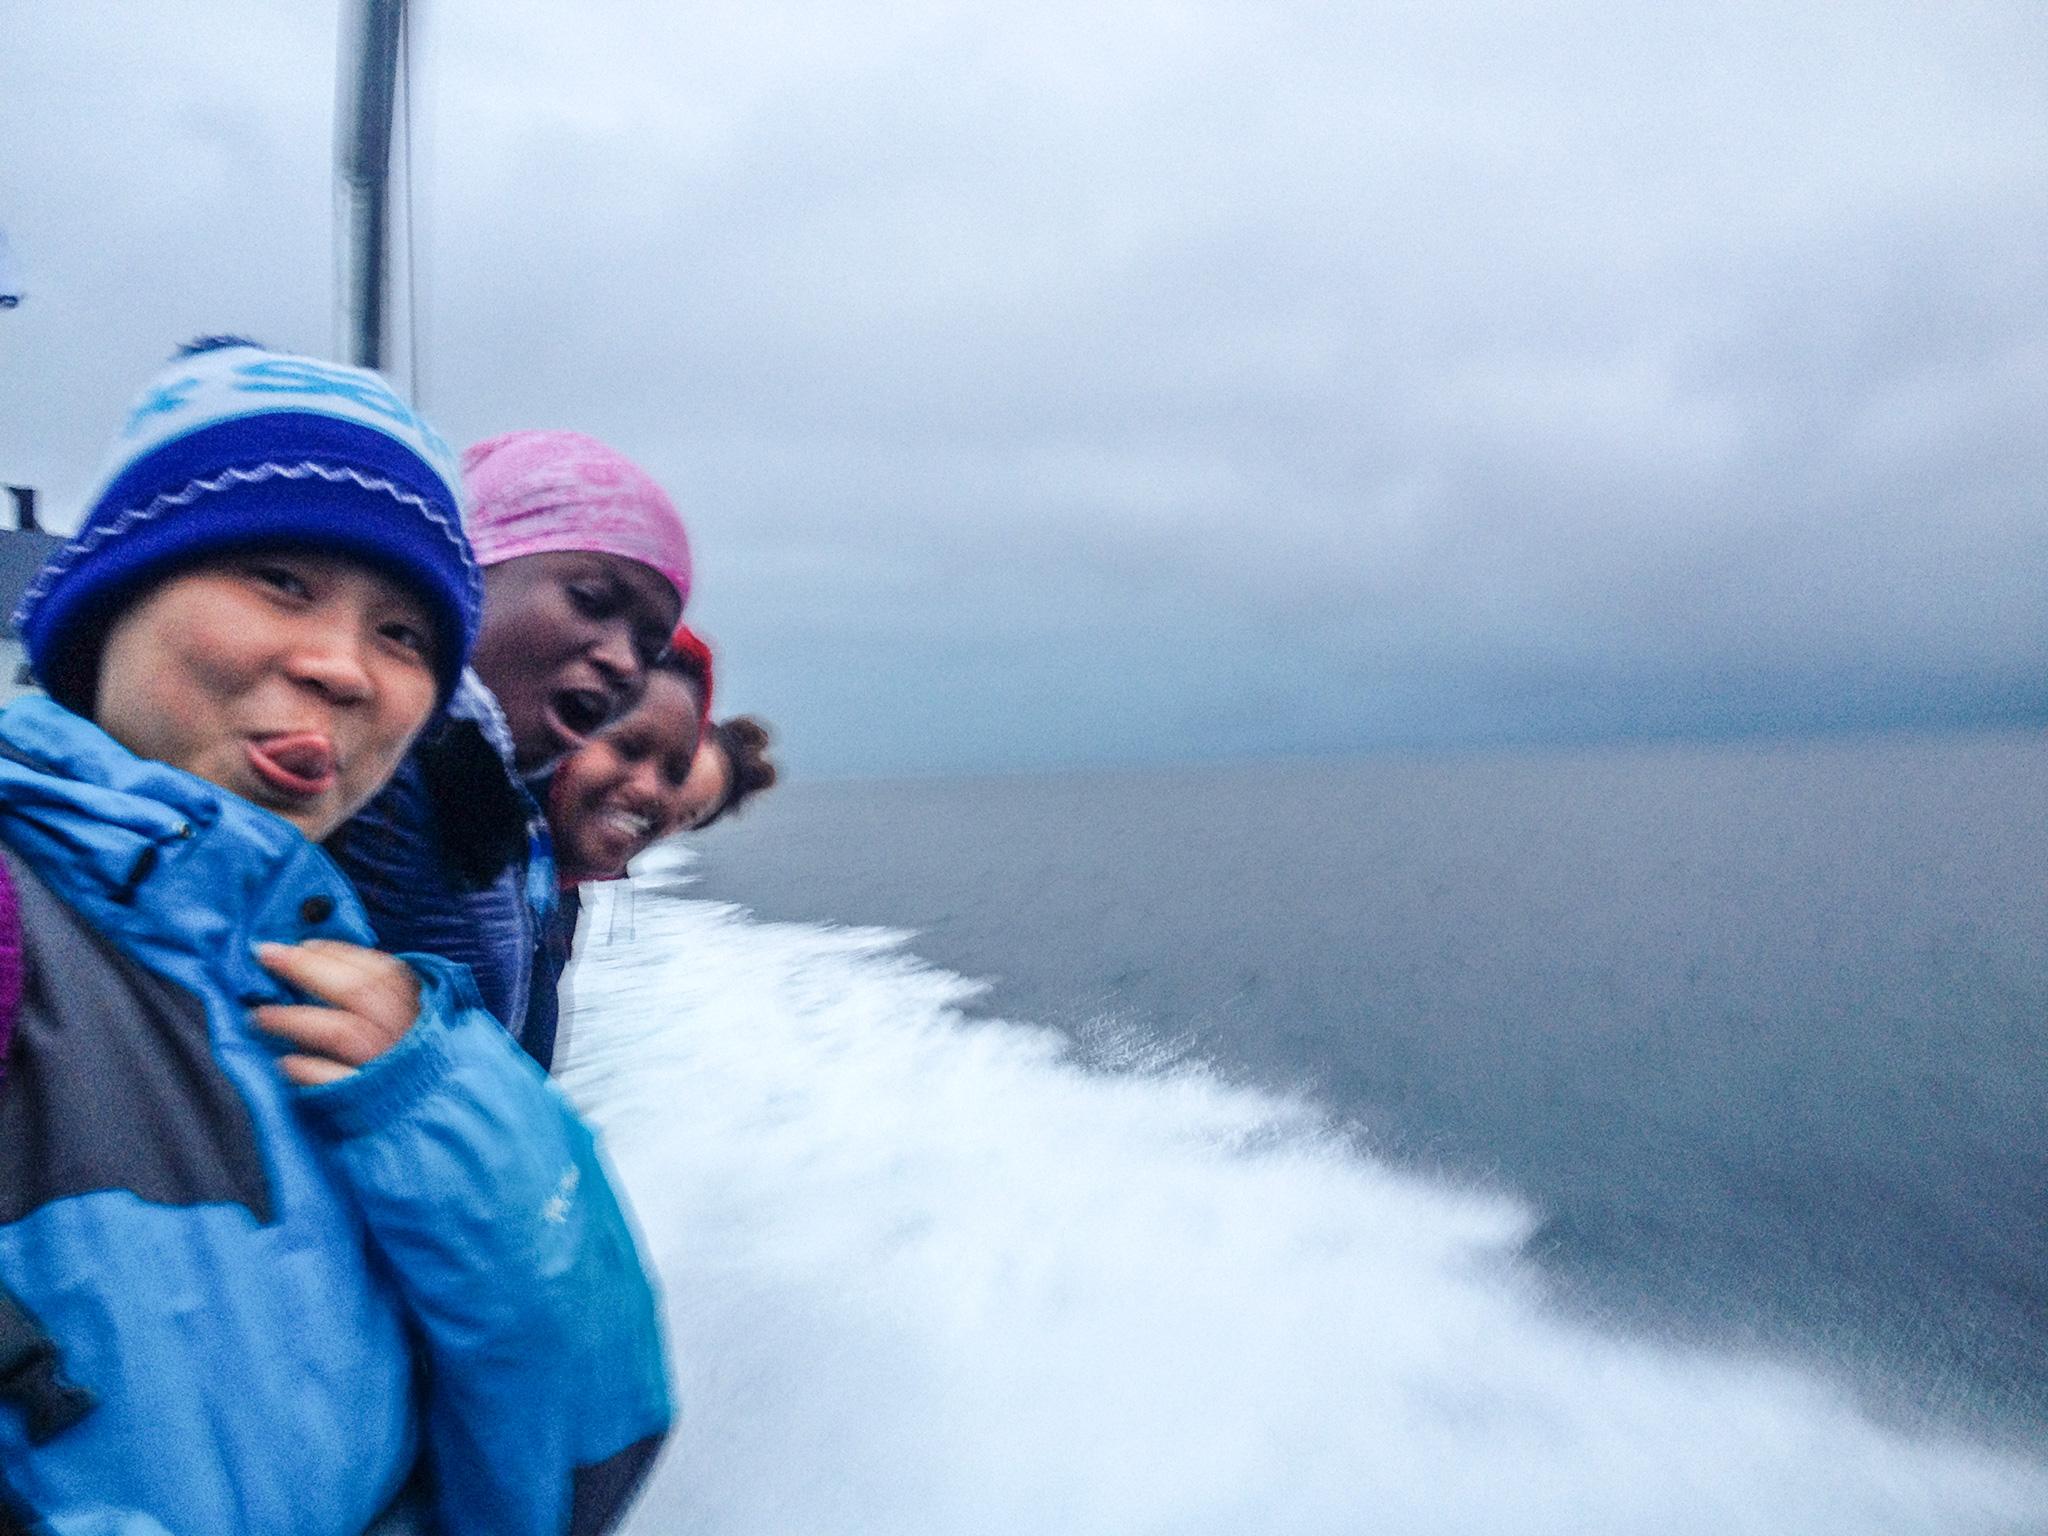 On the boat to Svanøy